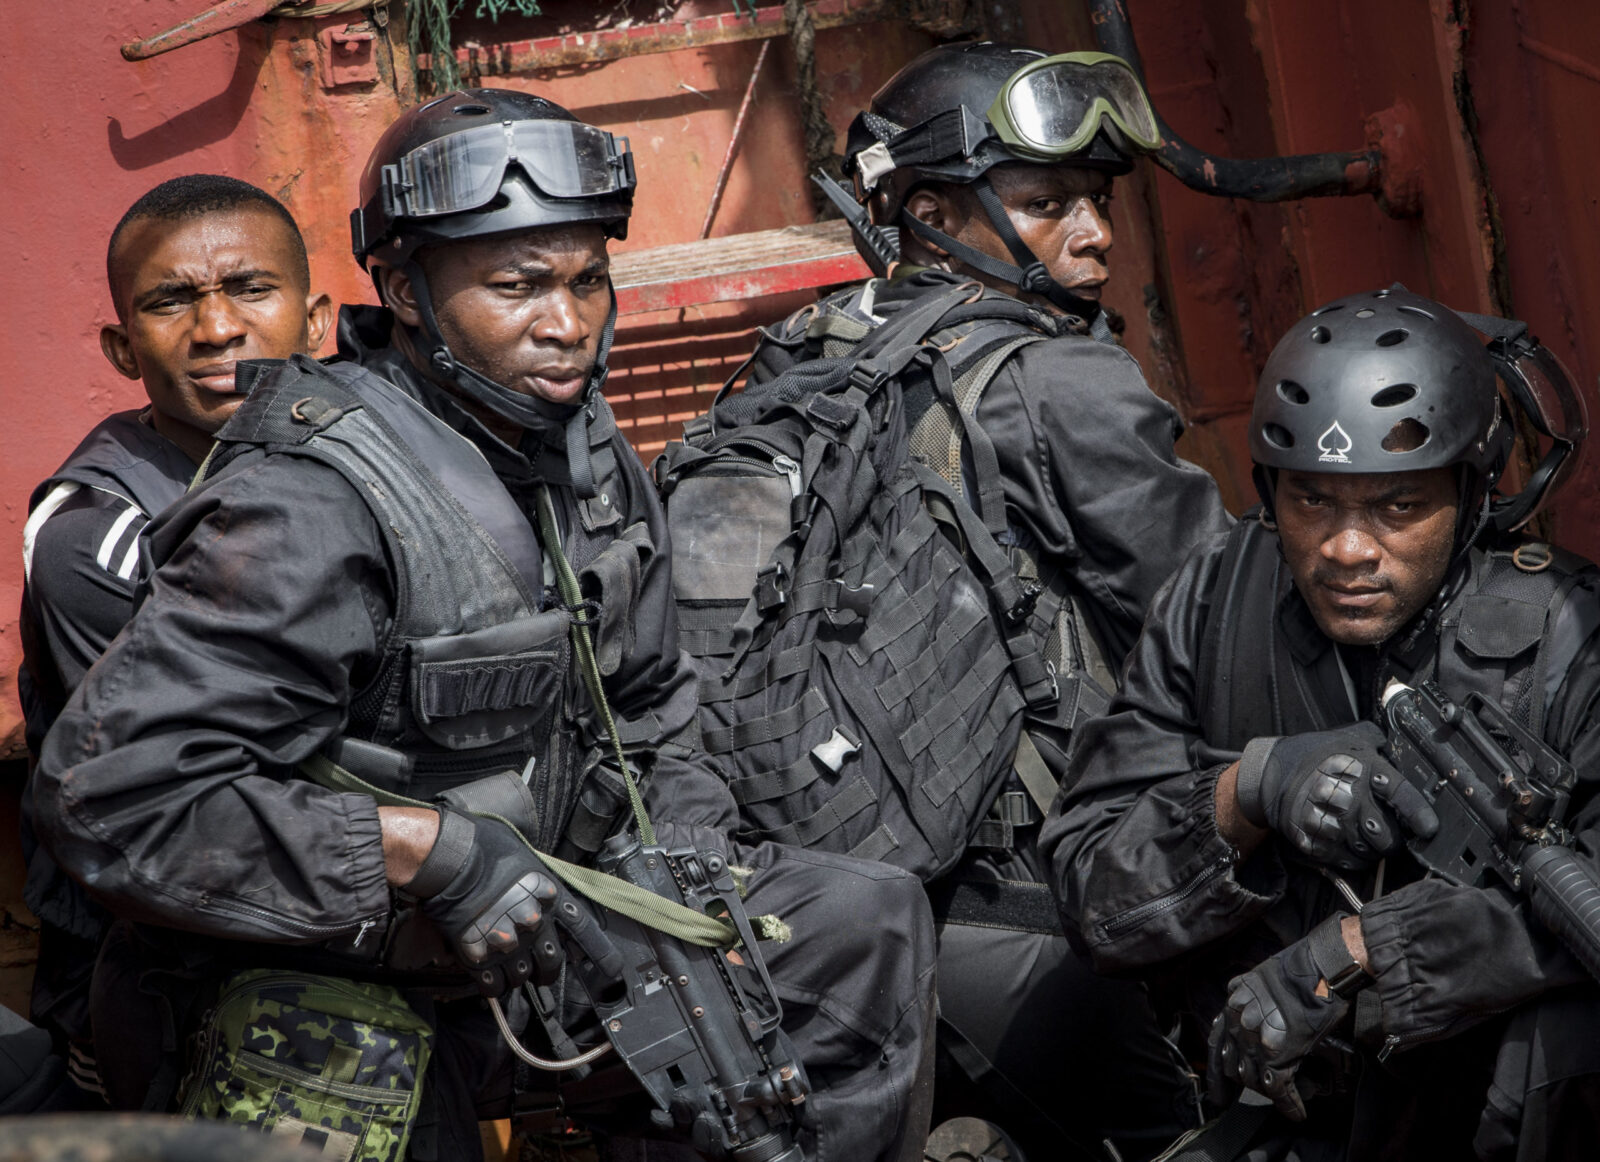 Губернатор Нигерии требует 100 тысяч военнослужащих для подавления мятежа